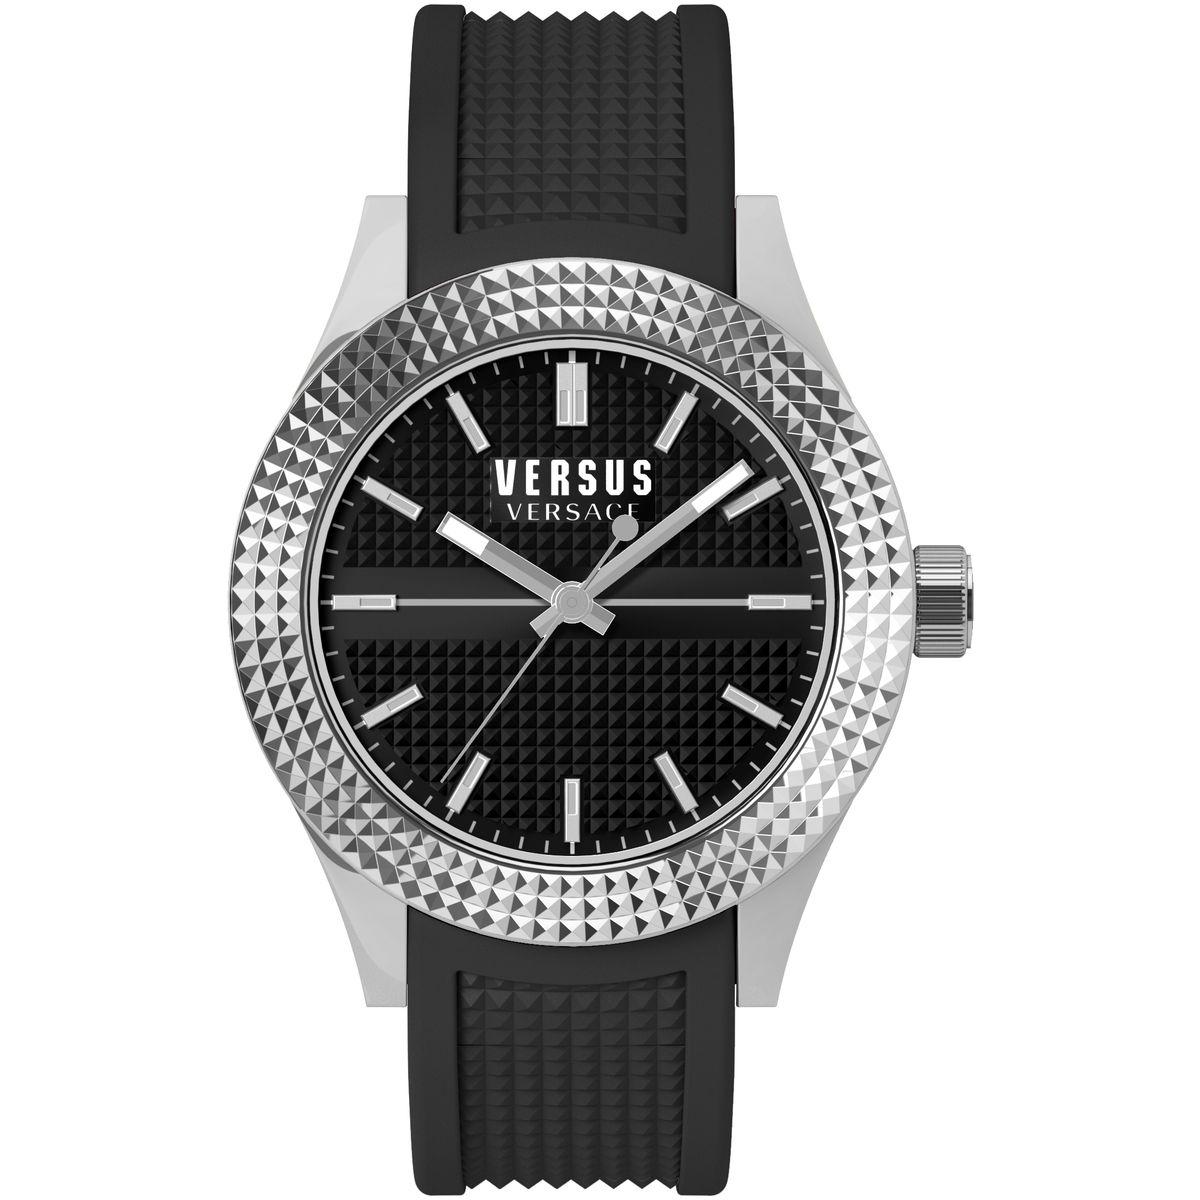 Часы наручные женские Versus Versace, цвет: черный, стальной. SOT020015SOT020015Элегантные женские часы Versus Versace выполнены из нержавеющей стали, каучука и минерального стекла. Циферблат часов дополнен символикой бренда. Корпус часов оснащен кварцевым механизмом, имеет степень влагозащиты равную 3 atm, а также дополнен устойчивым к царапинам минеральным стеклом. Стрелки и циферблат дополнены светящимся составом. Ремешок часов оснащен классической пряжкой, которая позволит с легкостью снимать и надевать изделие. Часы поставляются в фирменной упаковке. Часы Versus Versace подчеркнут изящность женской руки и отменное чувство стиля у их обладательницы.